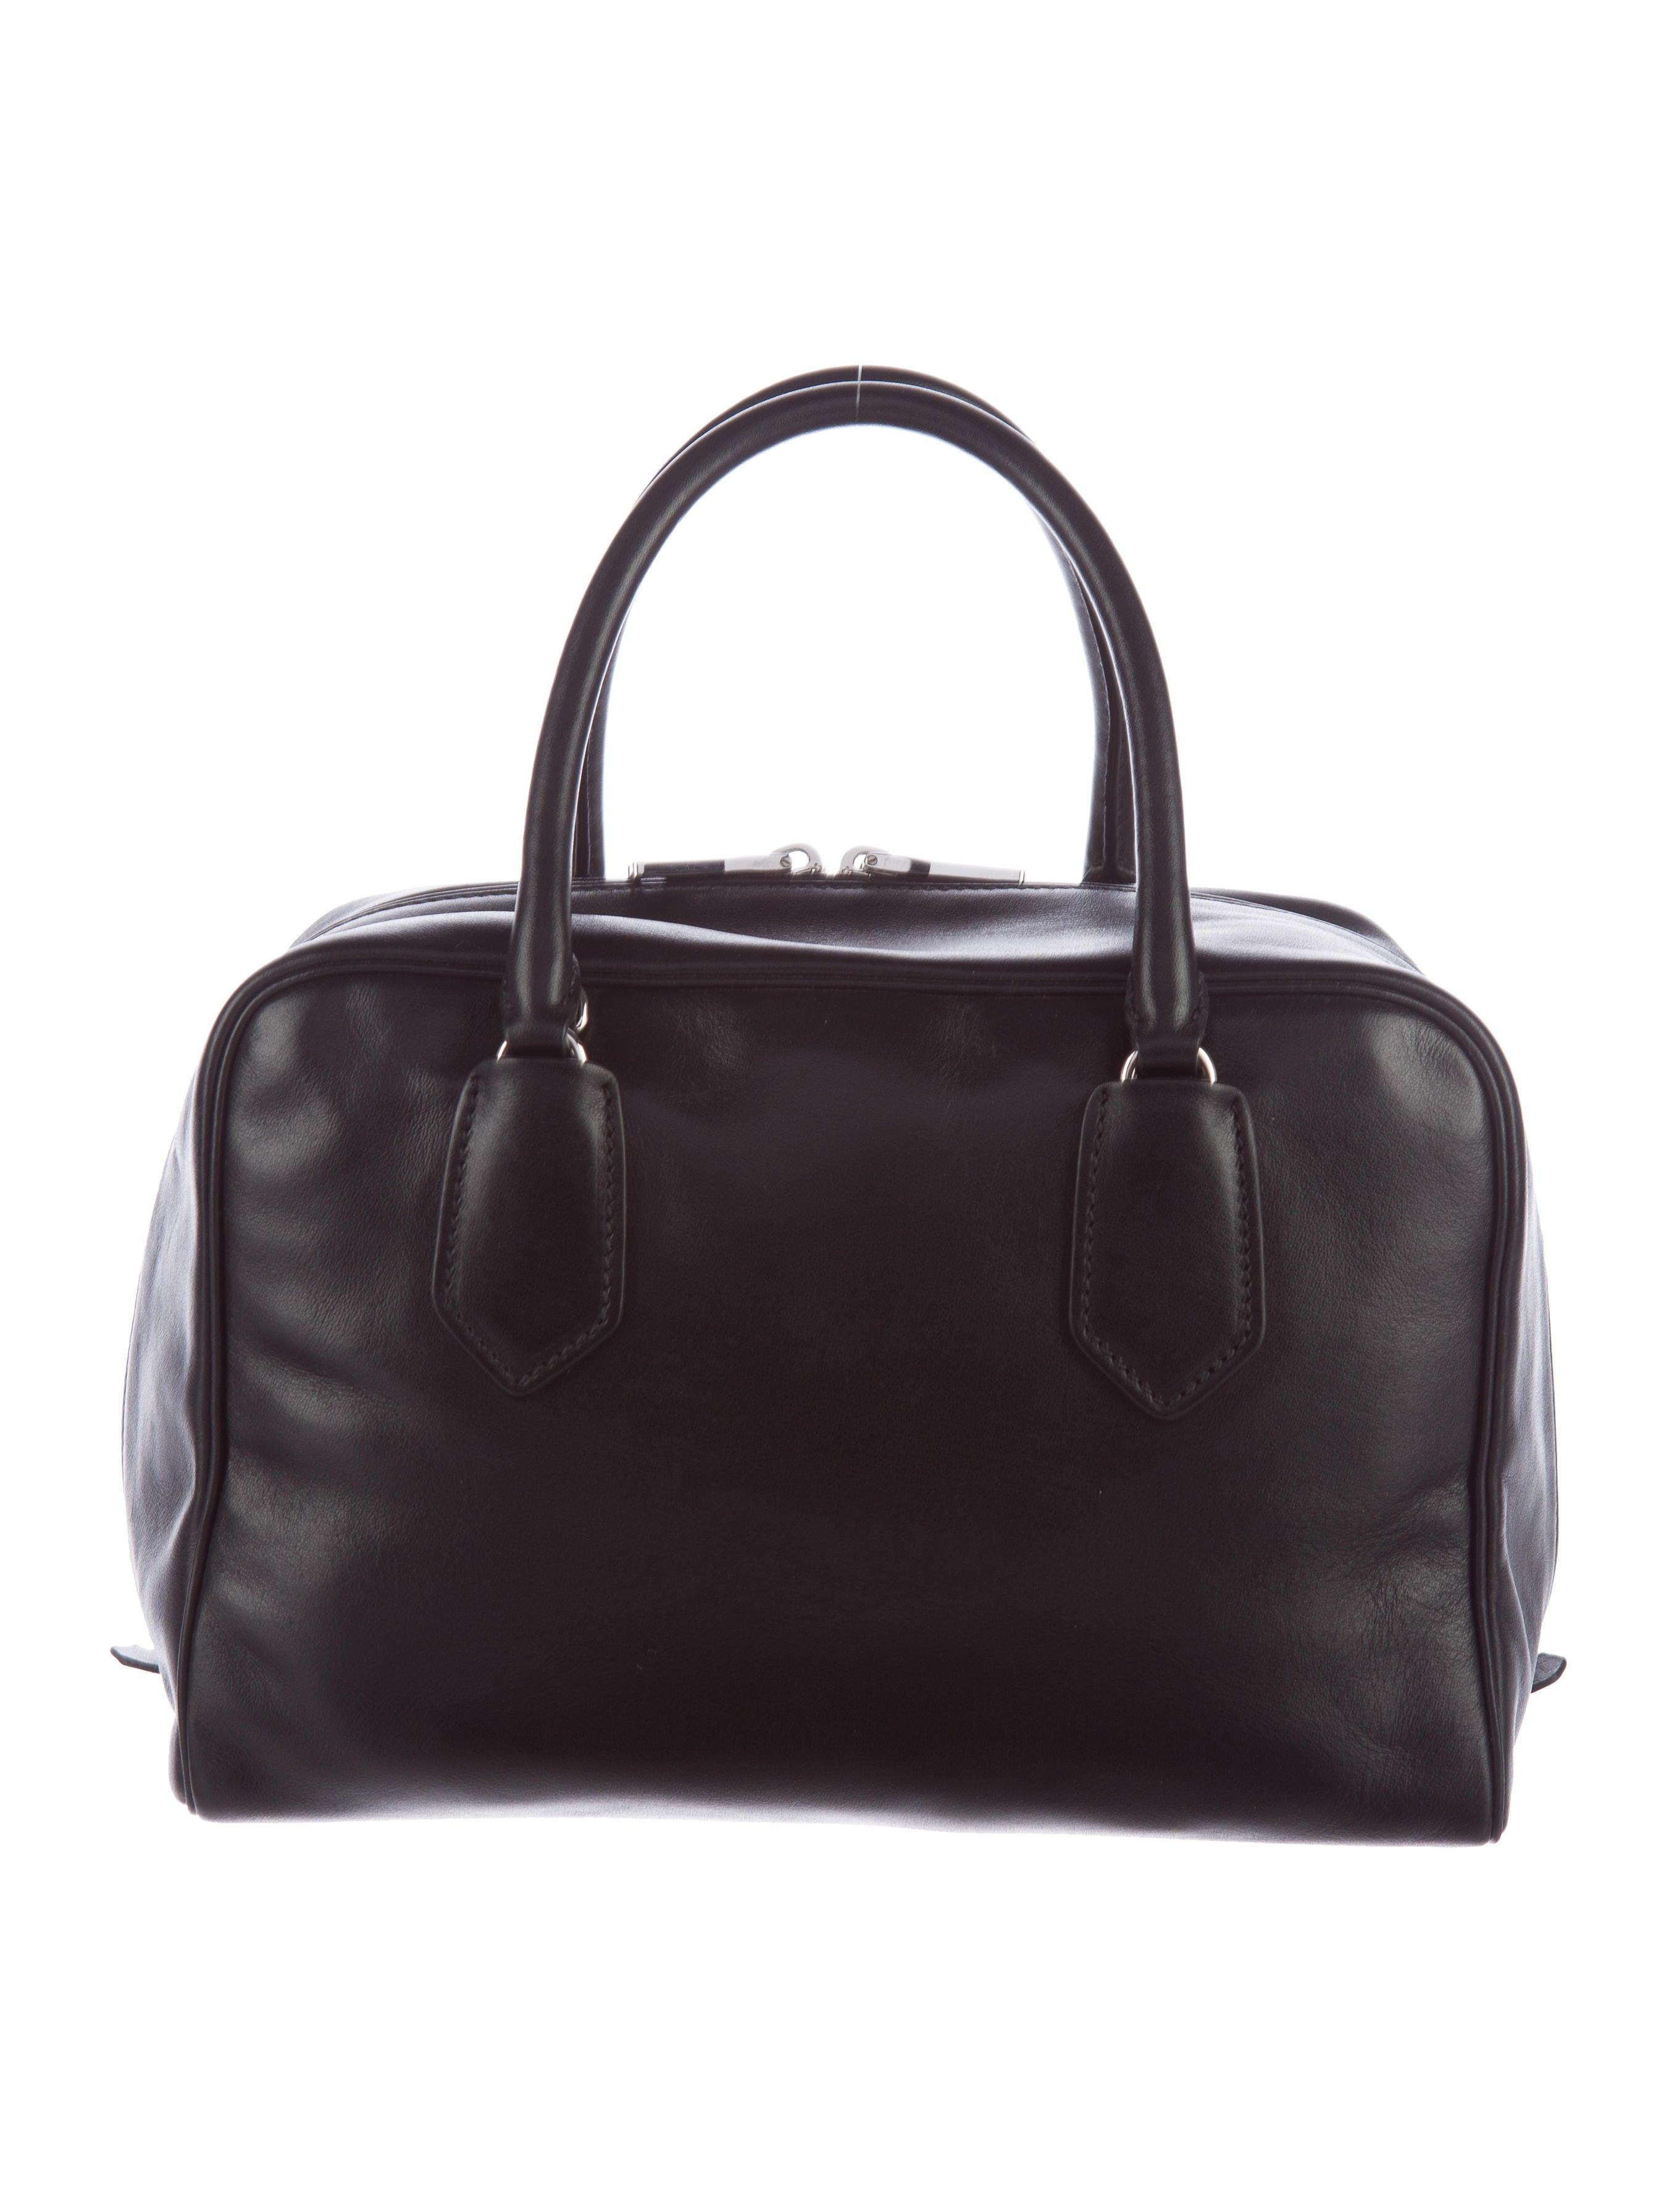 newest 30603 e5a0f Prada Spring 2016 Handbags | Ahoy Comics